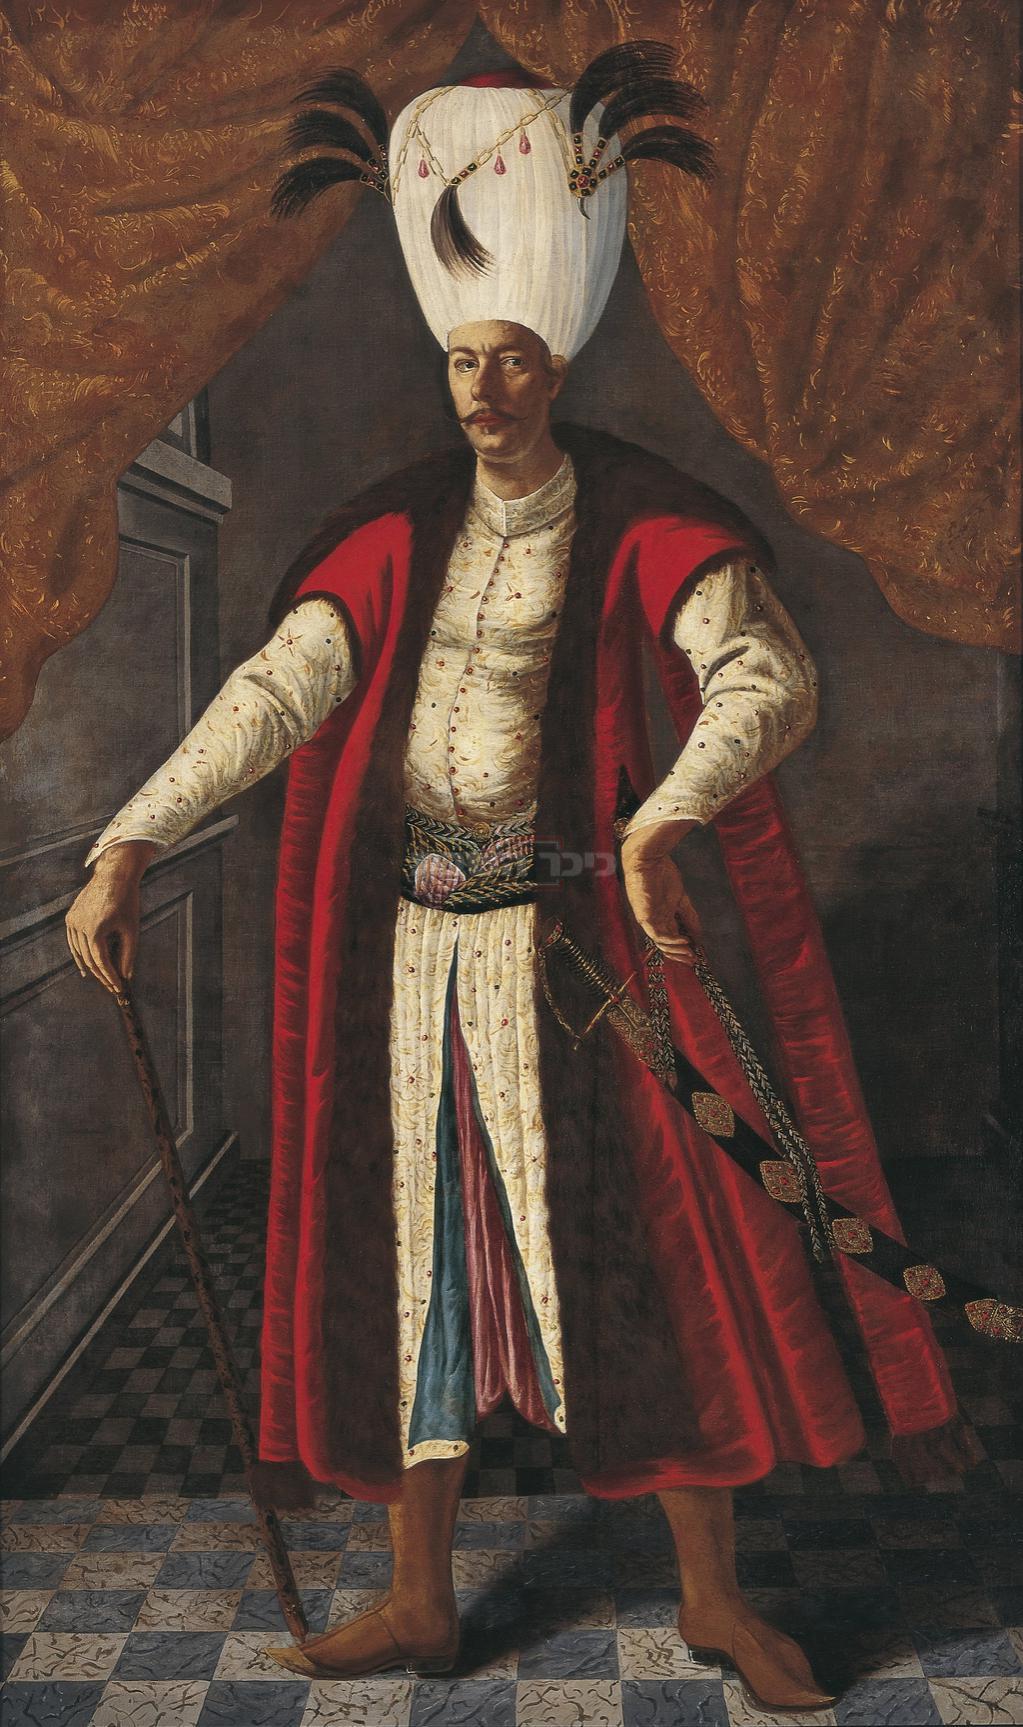 סולטאן האימפריה העות'מאנית מהמט הרביעי שבארמונו התרחש הפלא שמשומד לא הצליח לתקועה 'תרועה'